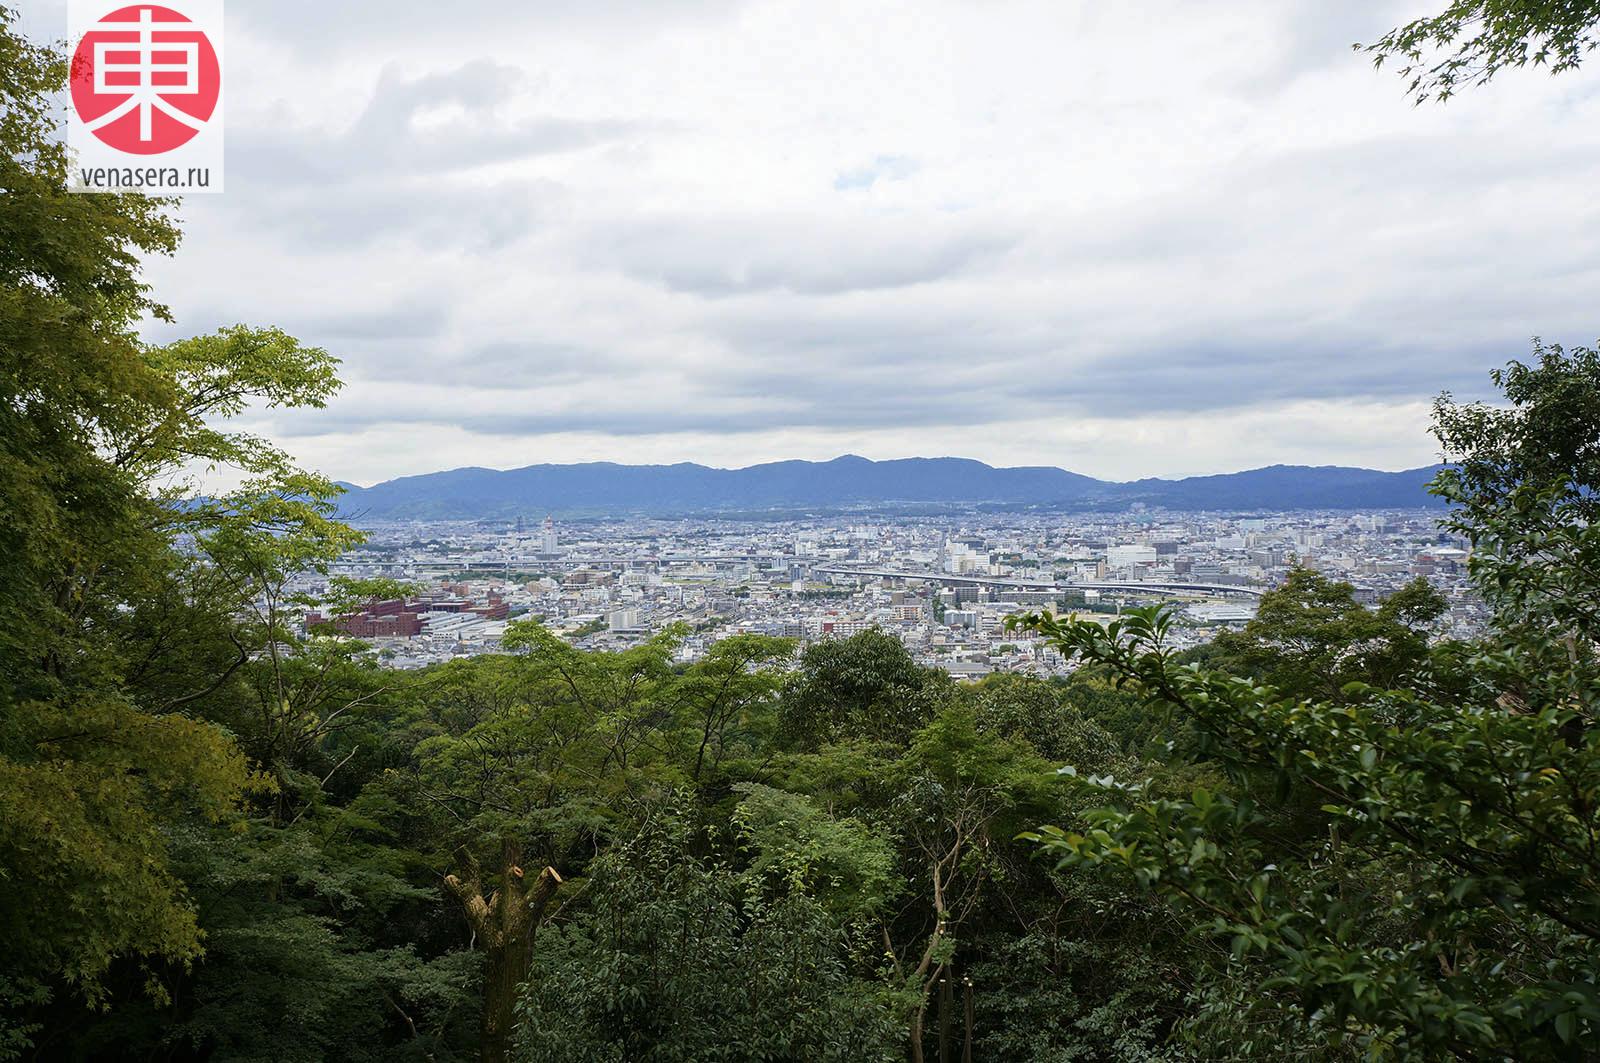 Фусими Инари. Вид с горы, Фусими Инари в Киото, 伏見稲荷, Киото, Kyoto, 京都, Япония, Japan, 日本.